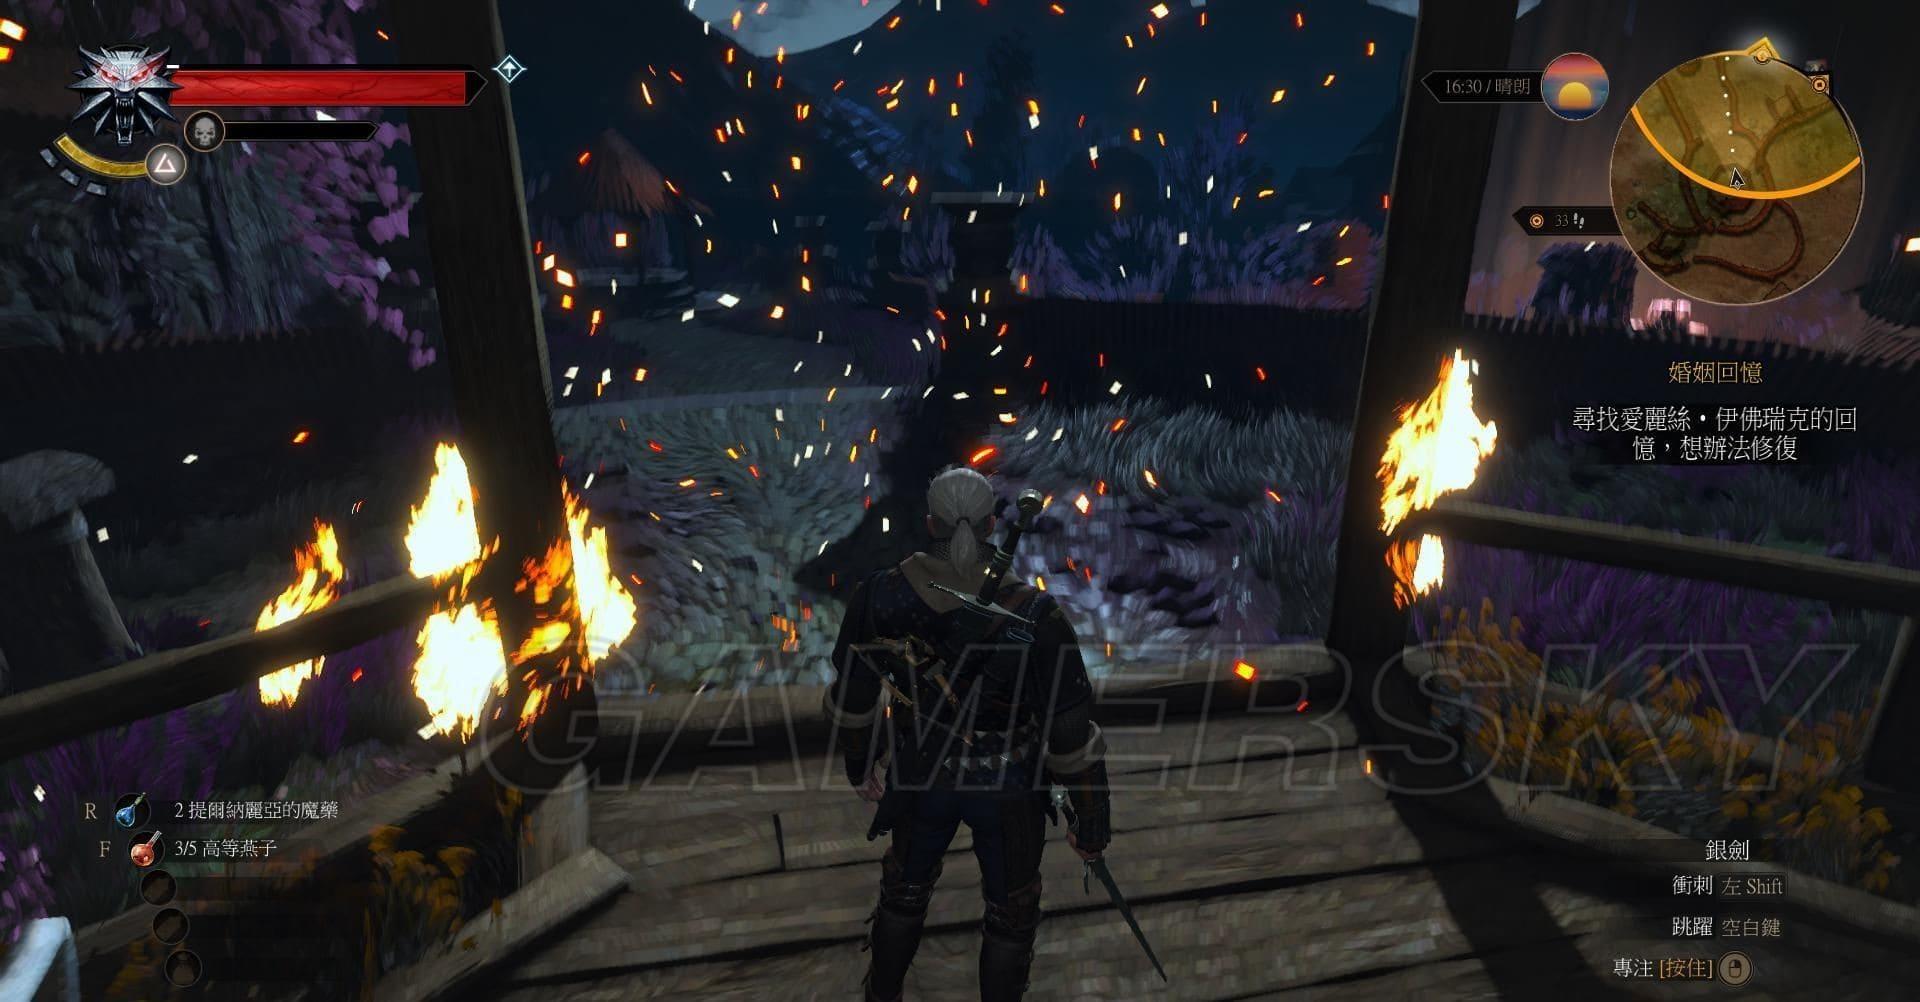 巫師3 DLC石之心圖文攻略 DLC石之心全流程圖文攻略